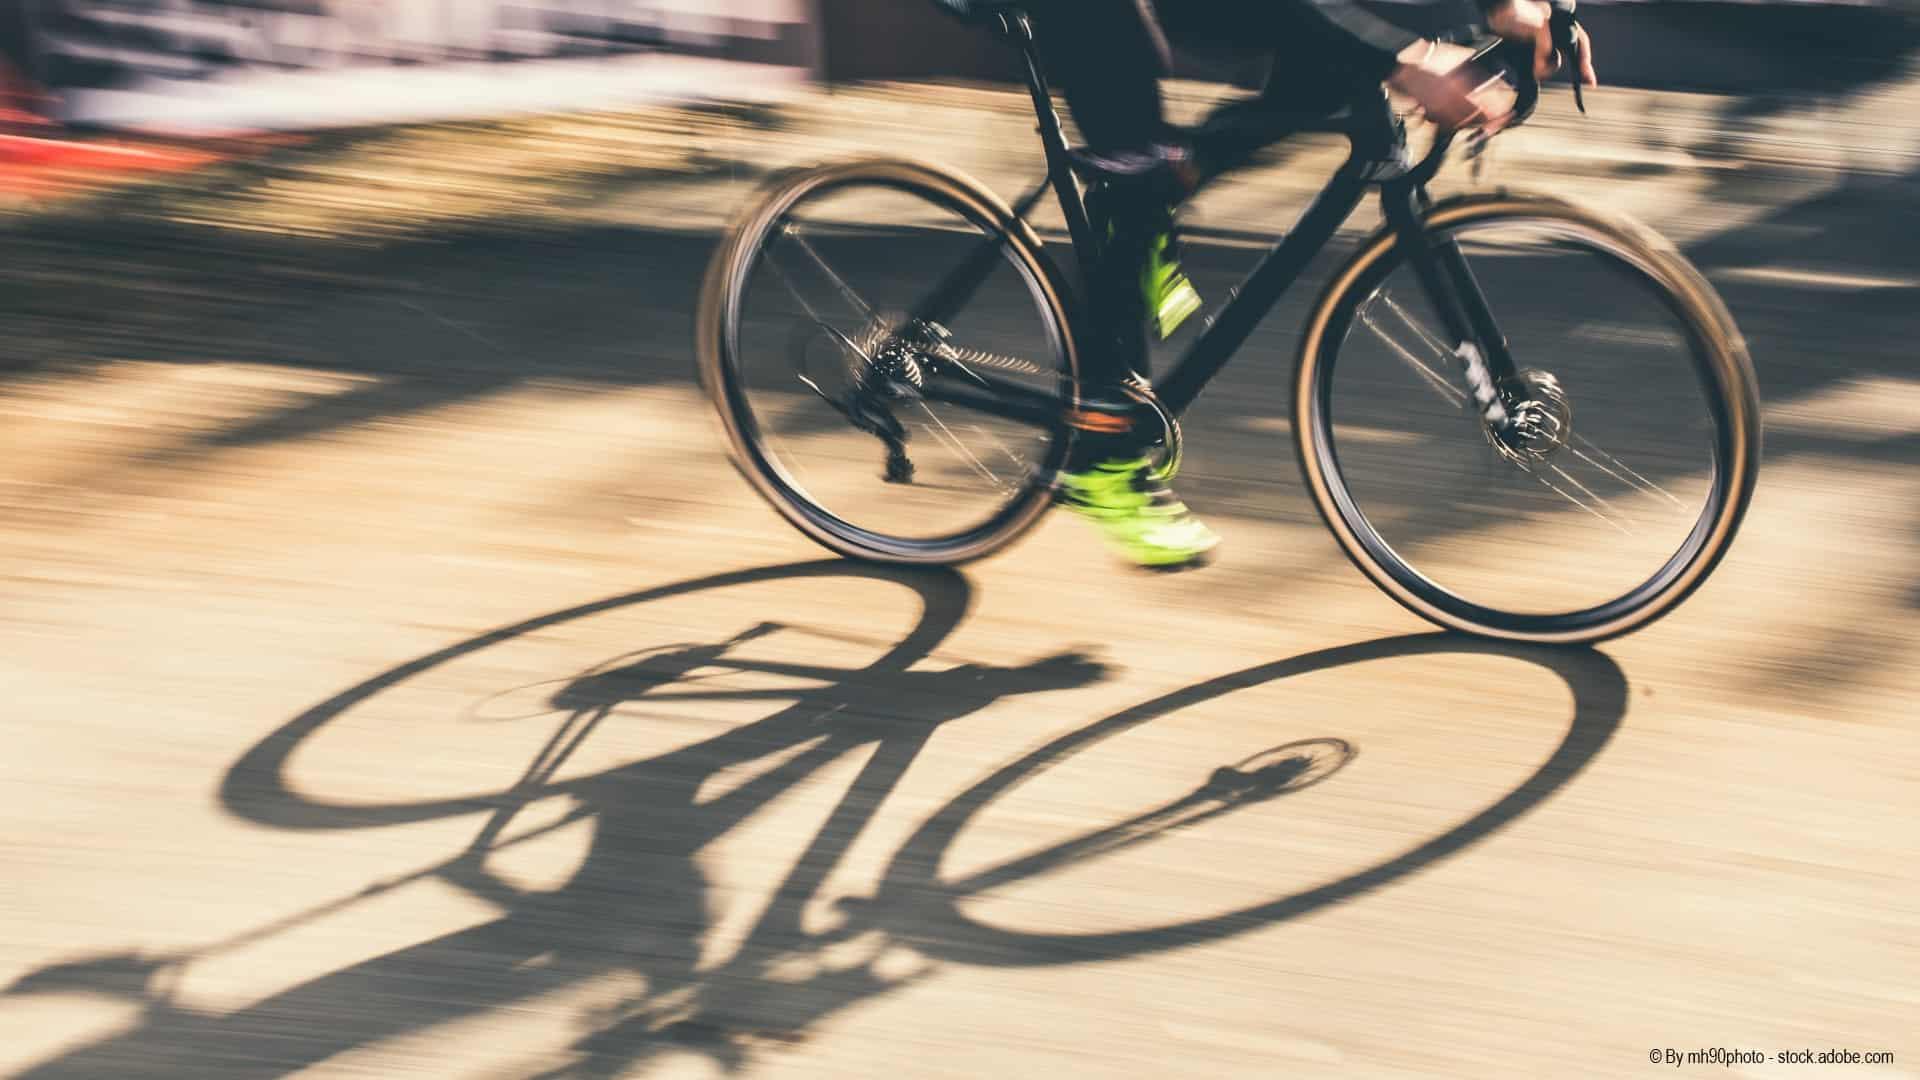 fahrradöl